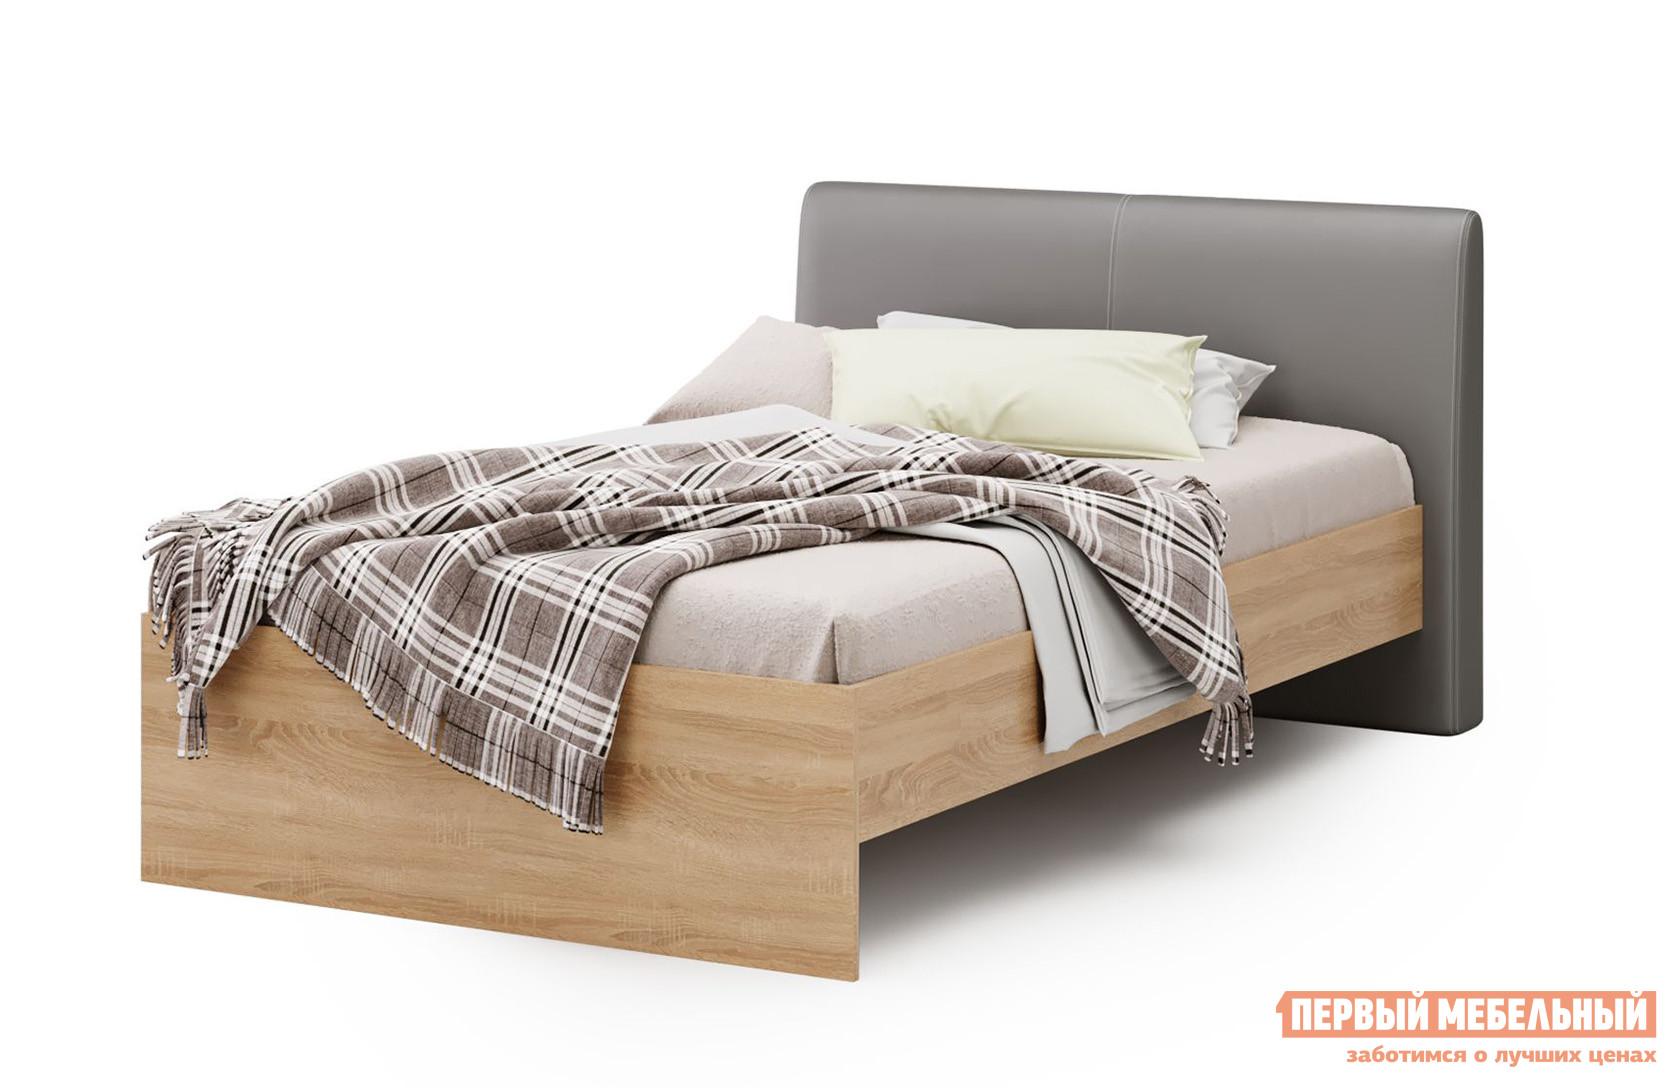 Полутороспальная кровать Первый Мебельный Кровать Мадрид